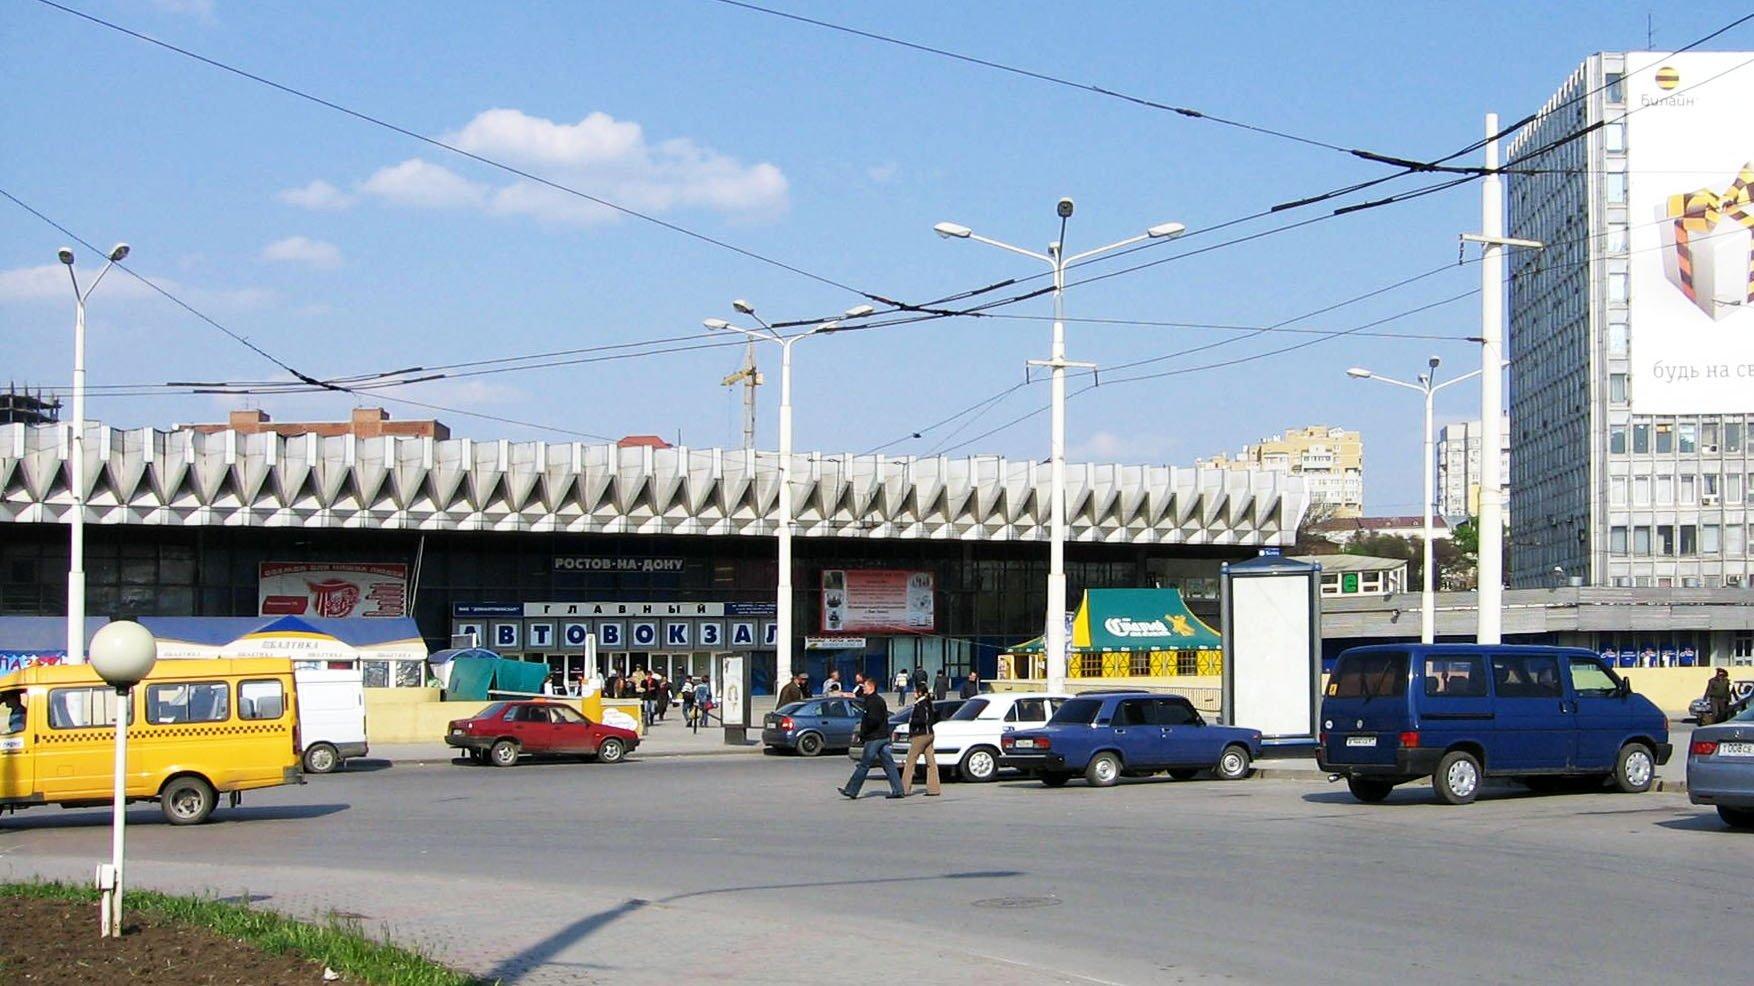 все главный автовокзал ростова фото том, что мистера